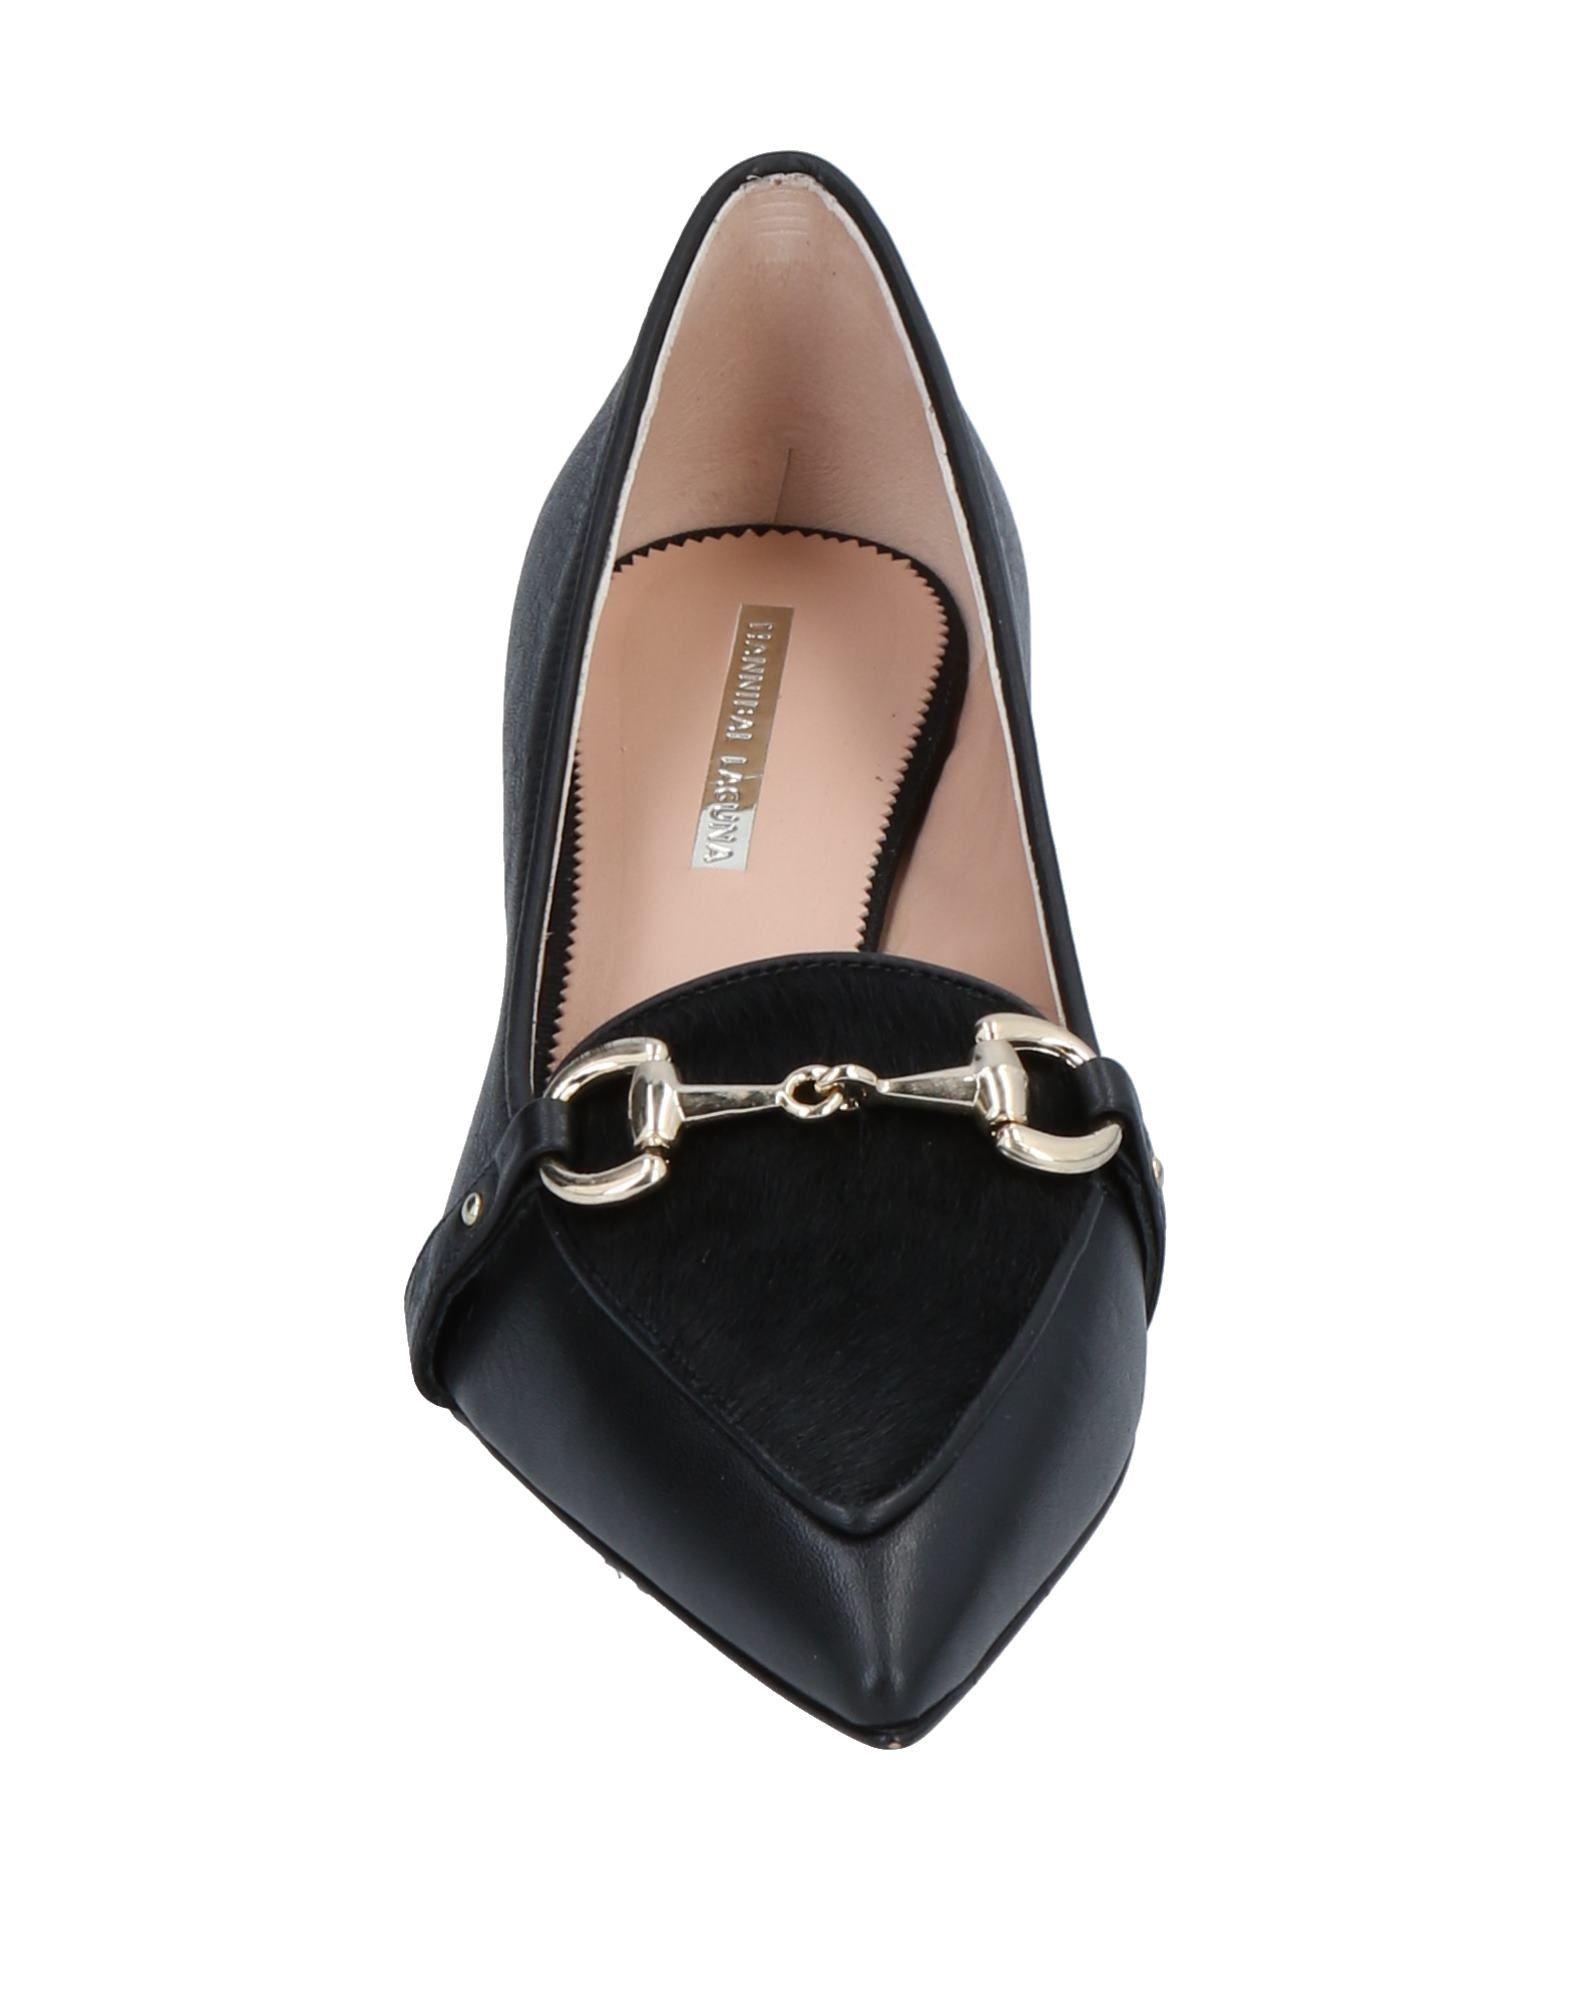 Hannibal Laguna Mokassins Damen  11542721NX Gute Qualität beliebte Schuhe